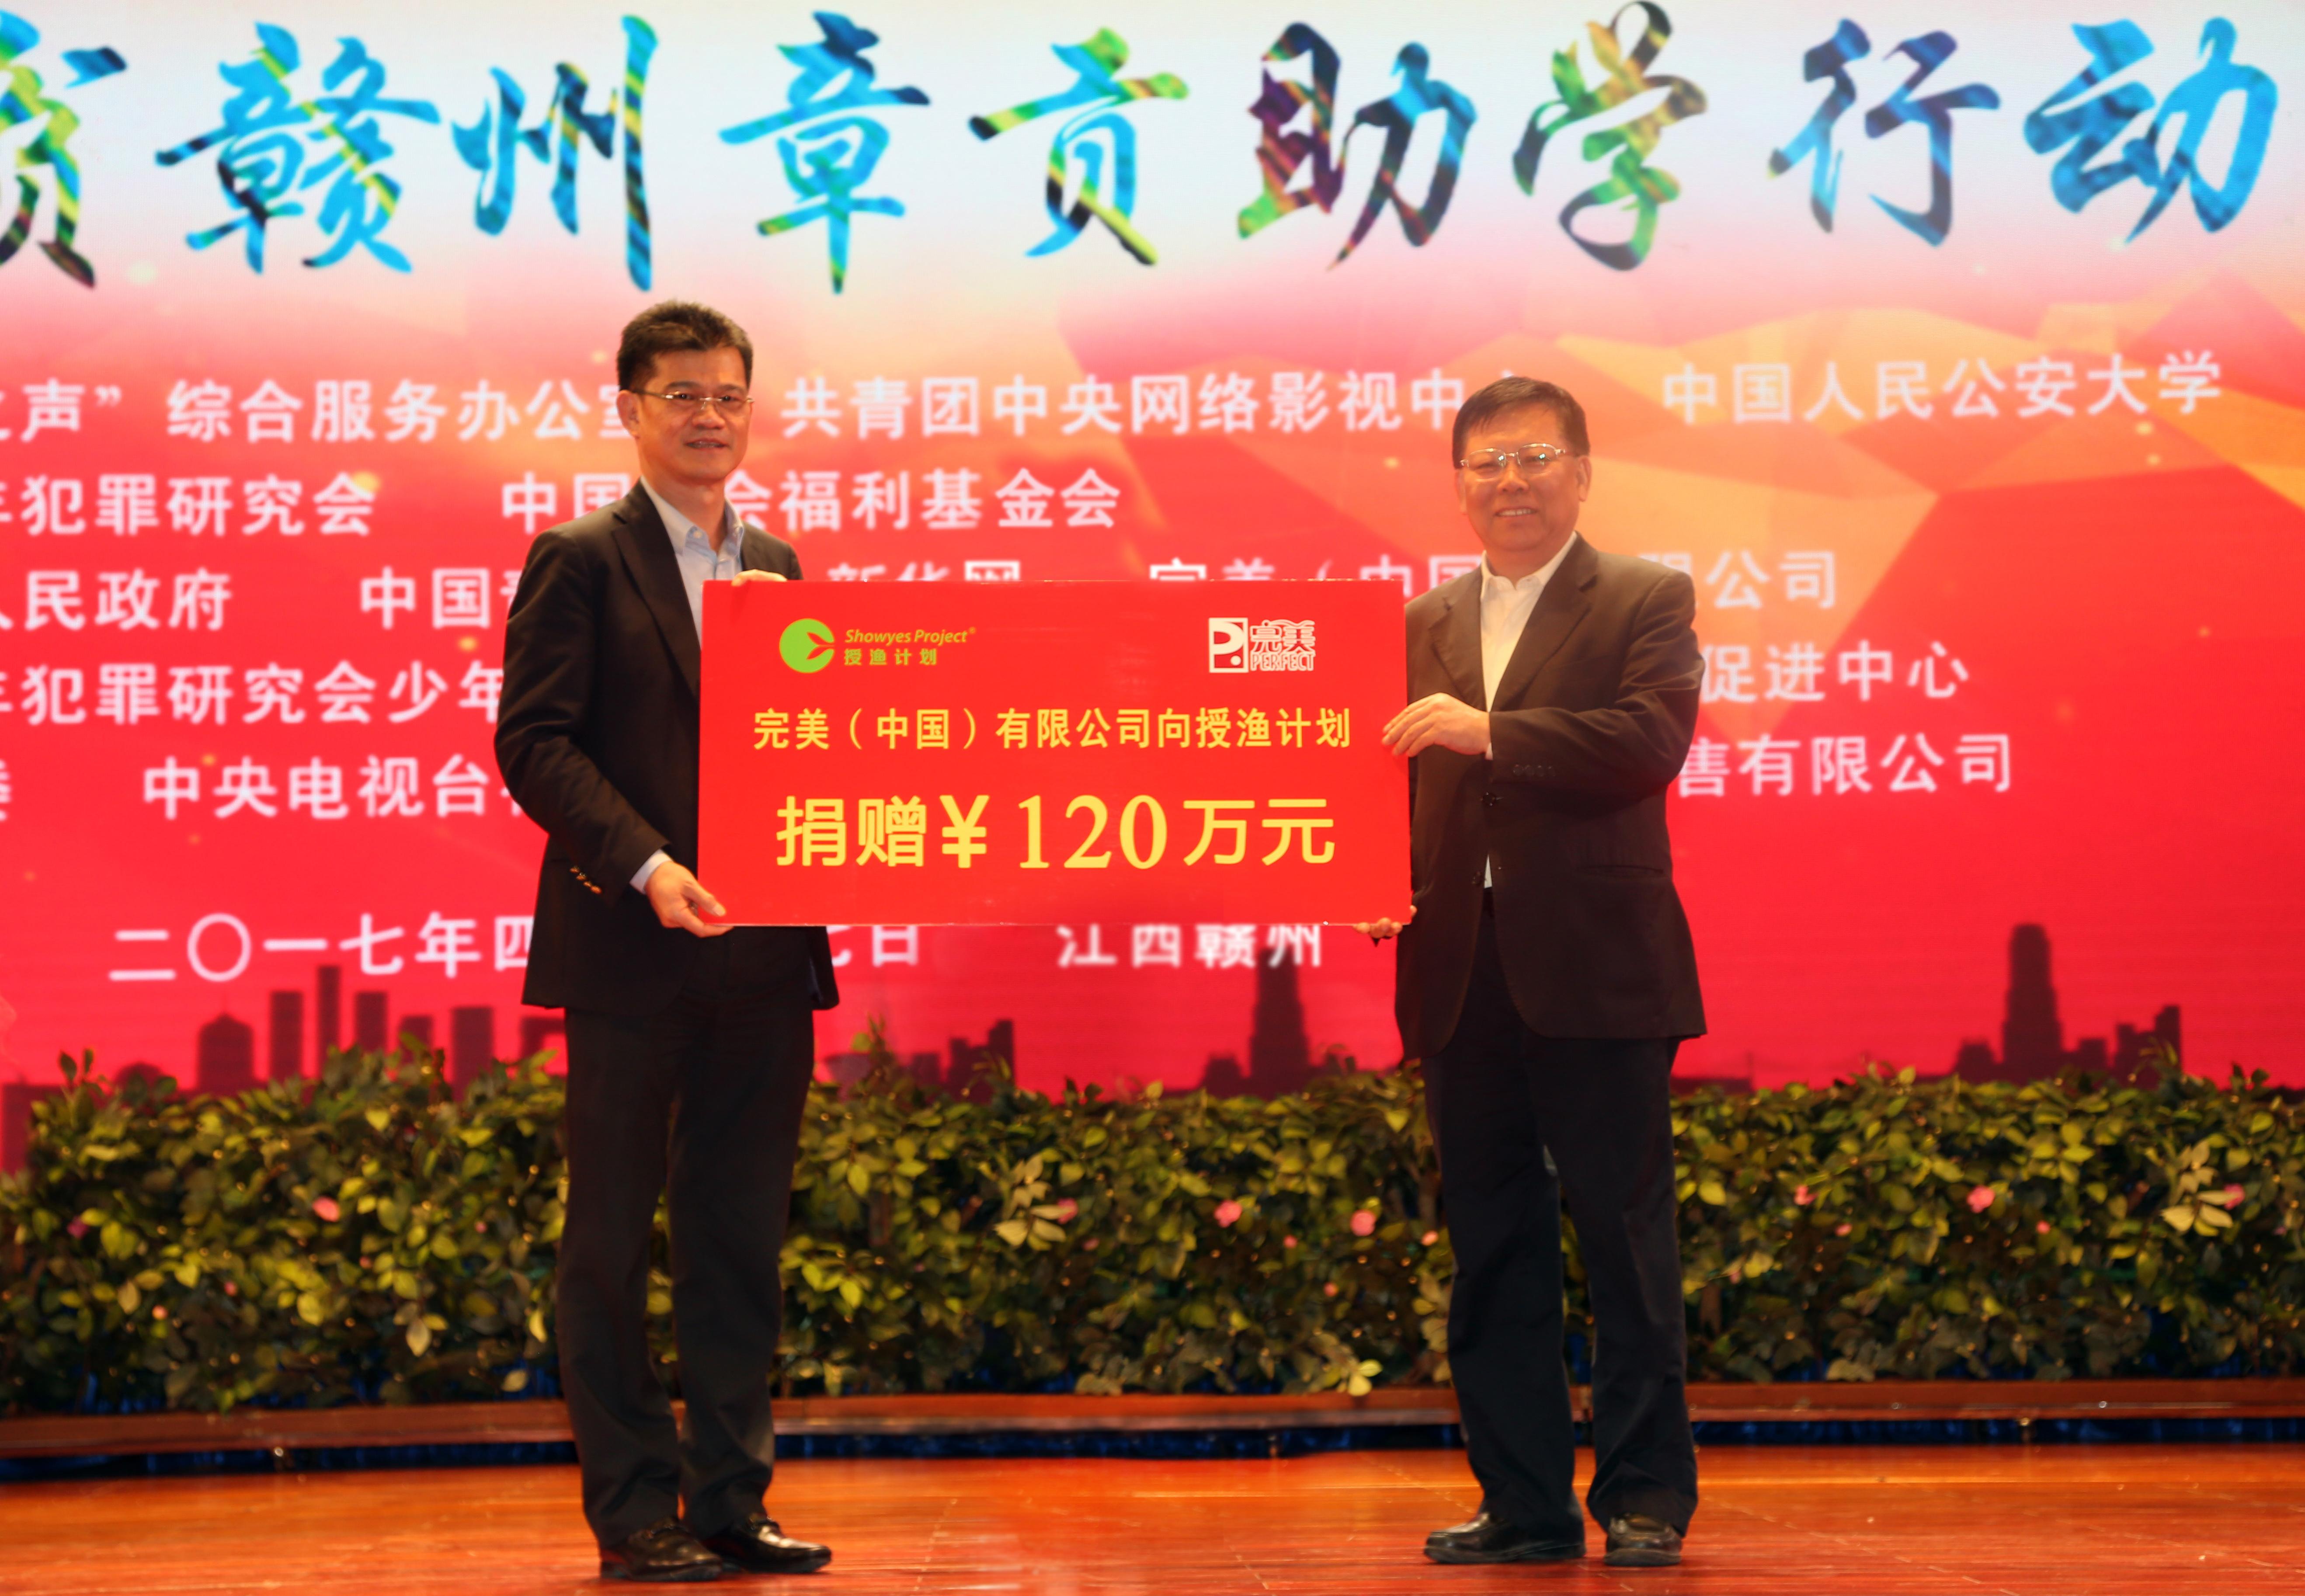 7完美(中国)有限公司向授渔计划捐赠,中国社会福利基金会理事长戚学森代表接受捐赠(新).jpg